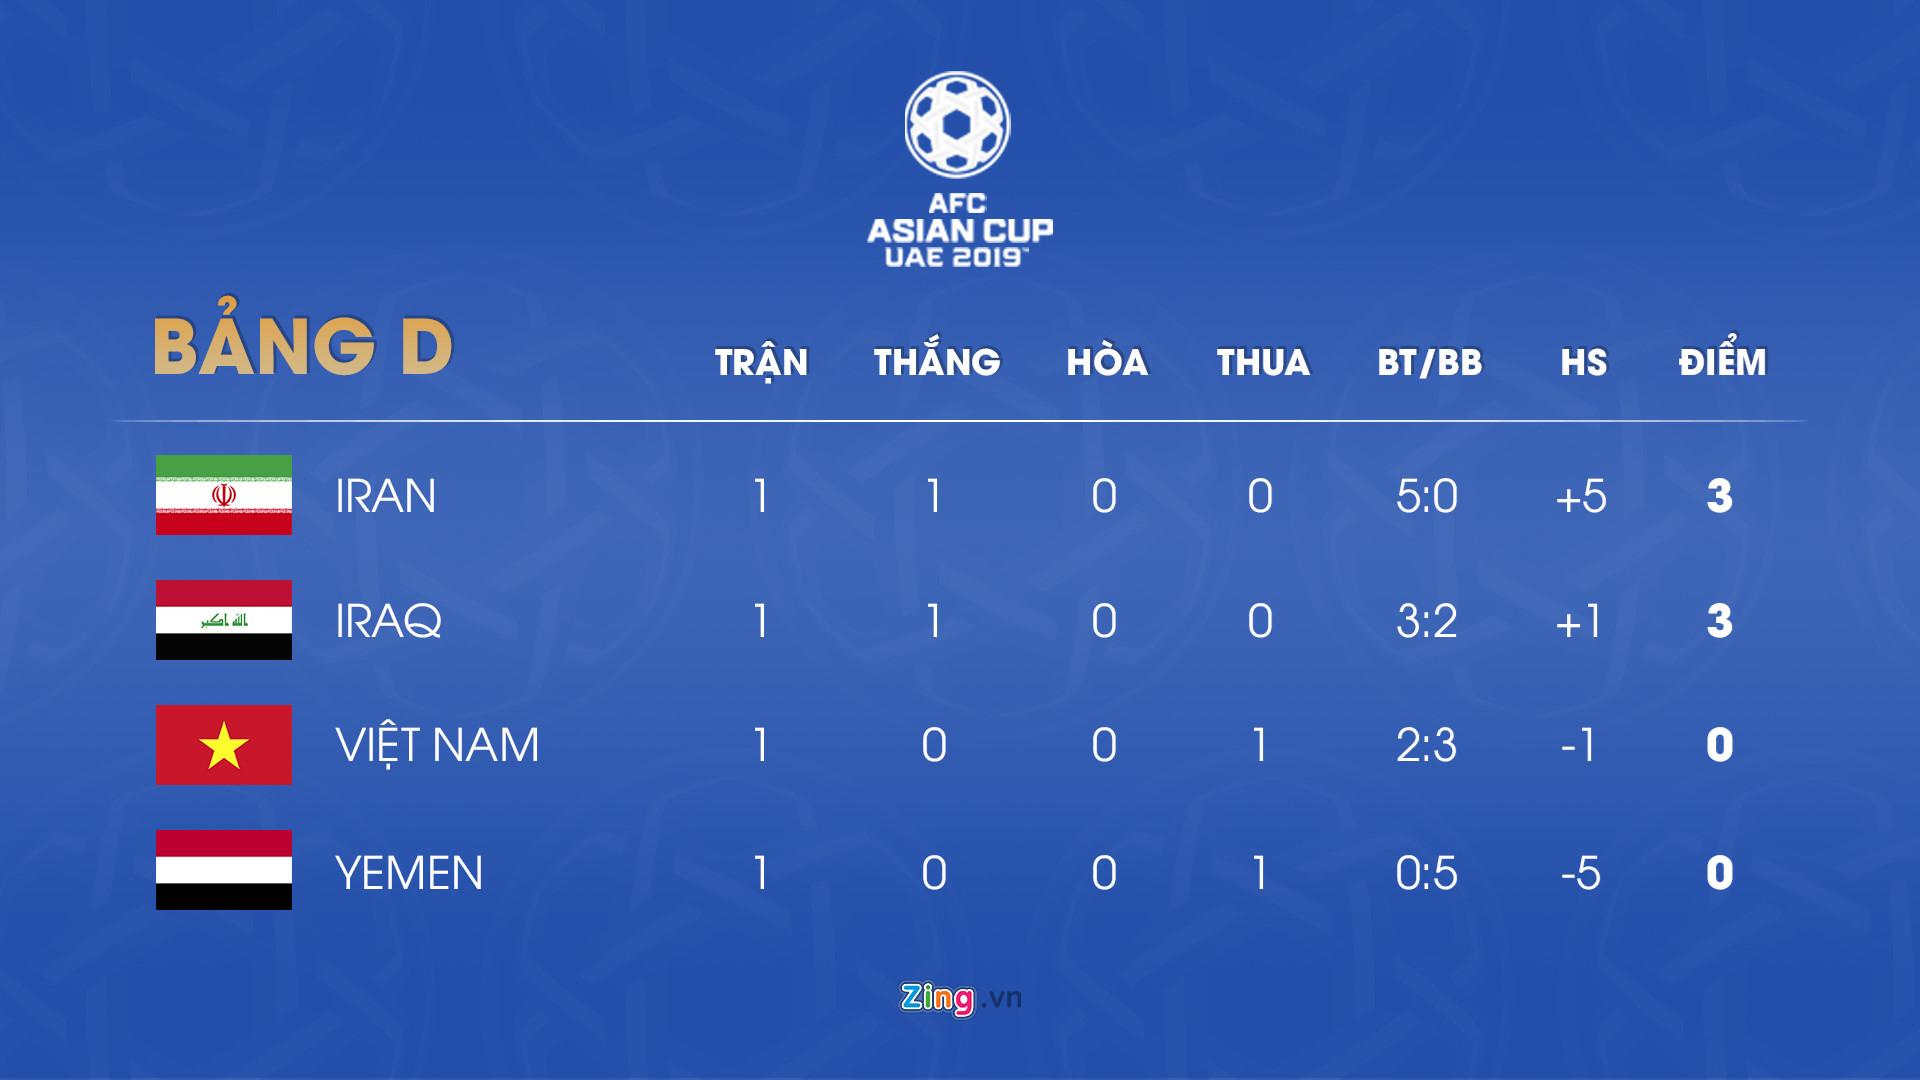 HLV Iran: 'Việt Nam là đội có tham vọng, nên trận đấu sẽ rất khó khăn' Ảnh 2